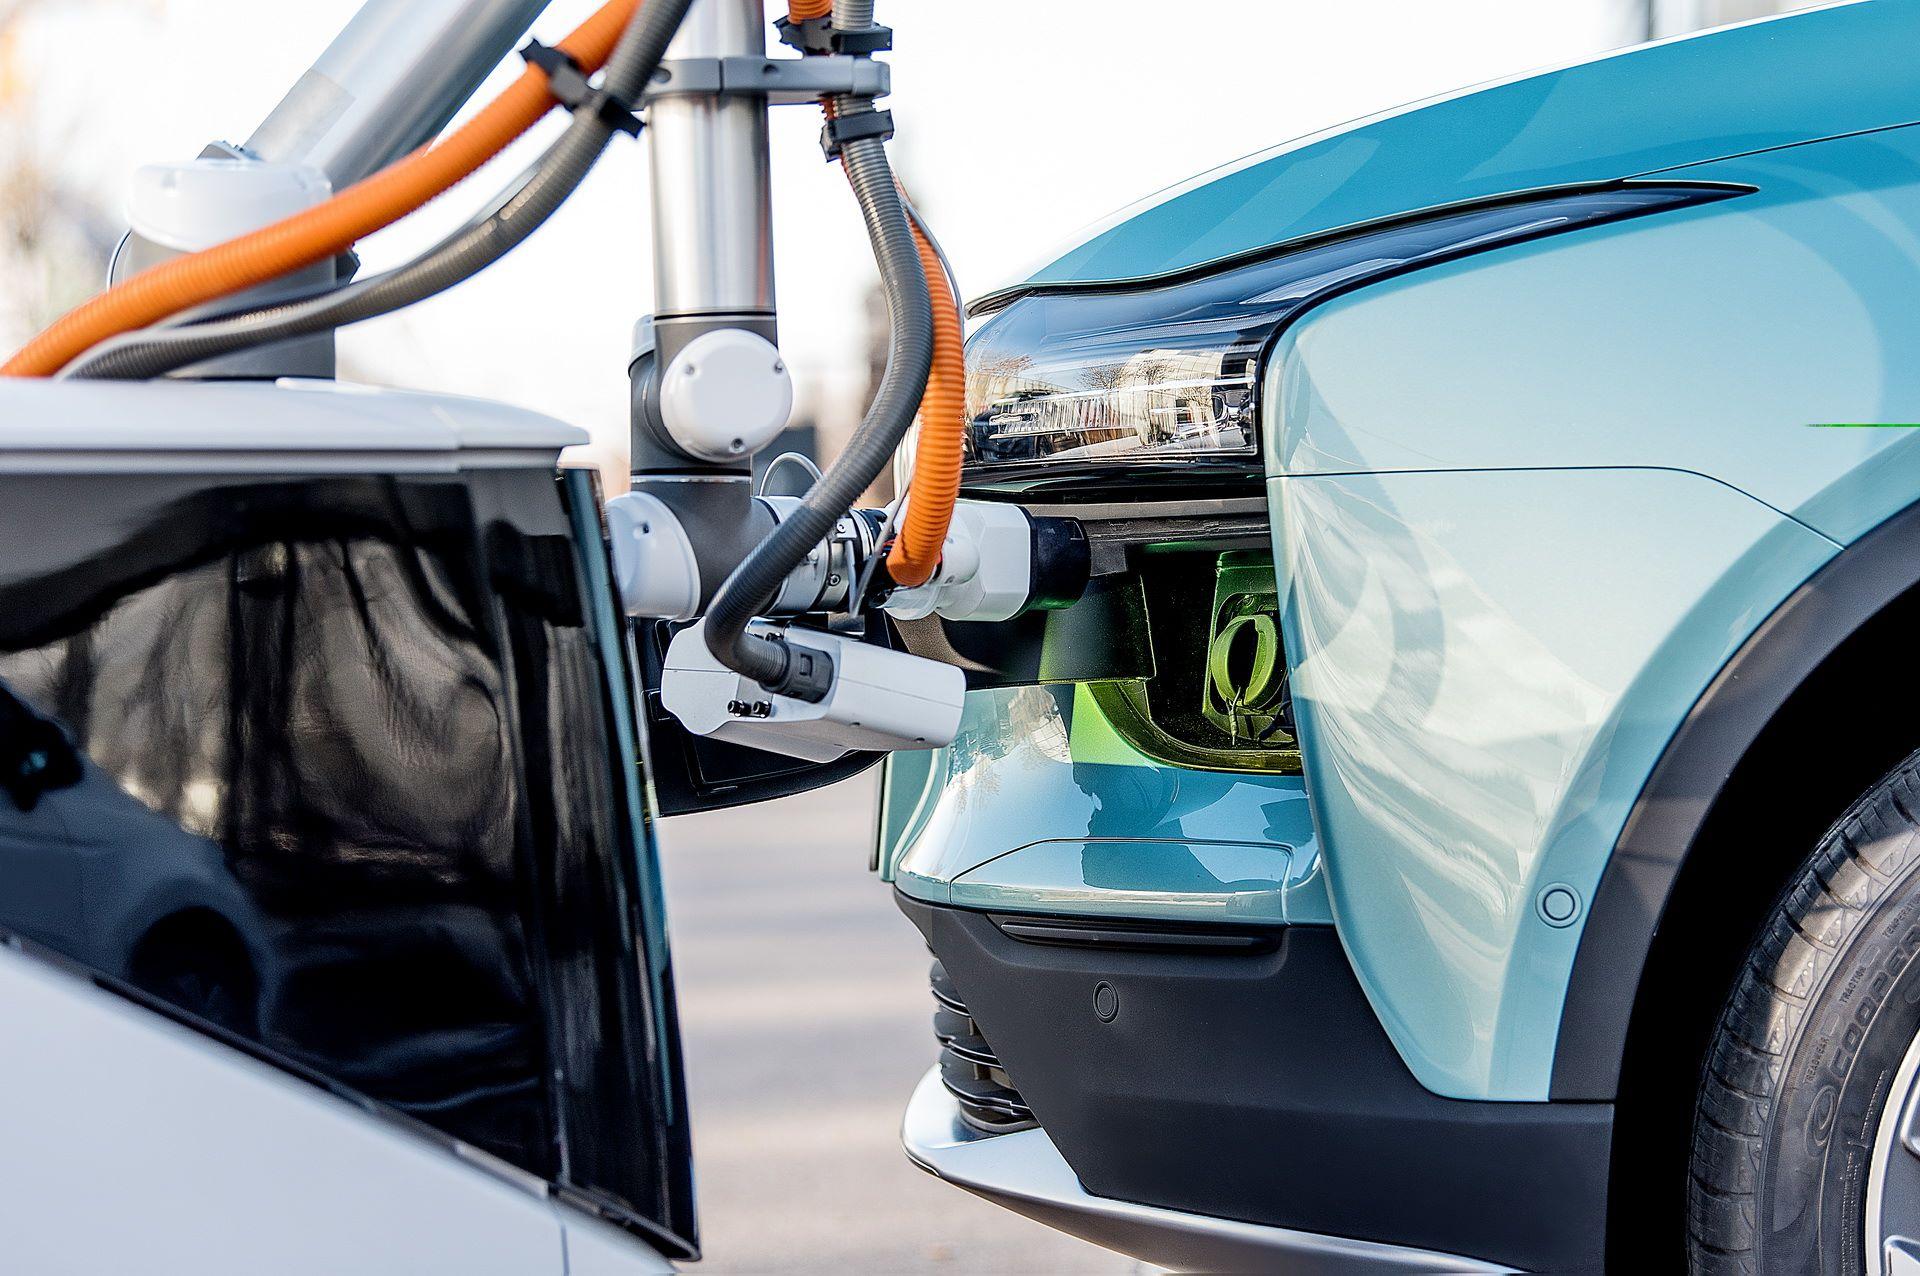 aiways-carl-autonomous-ev-charging-robot-4